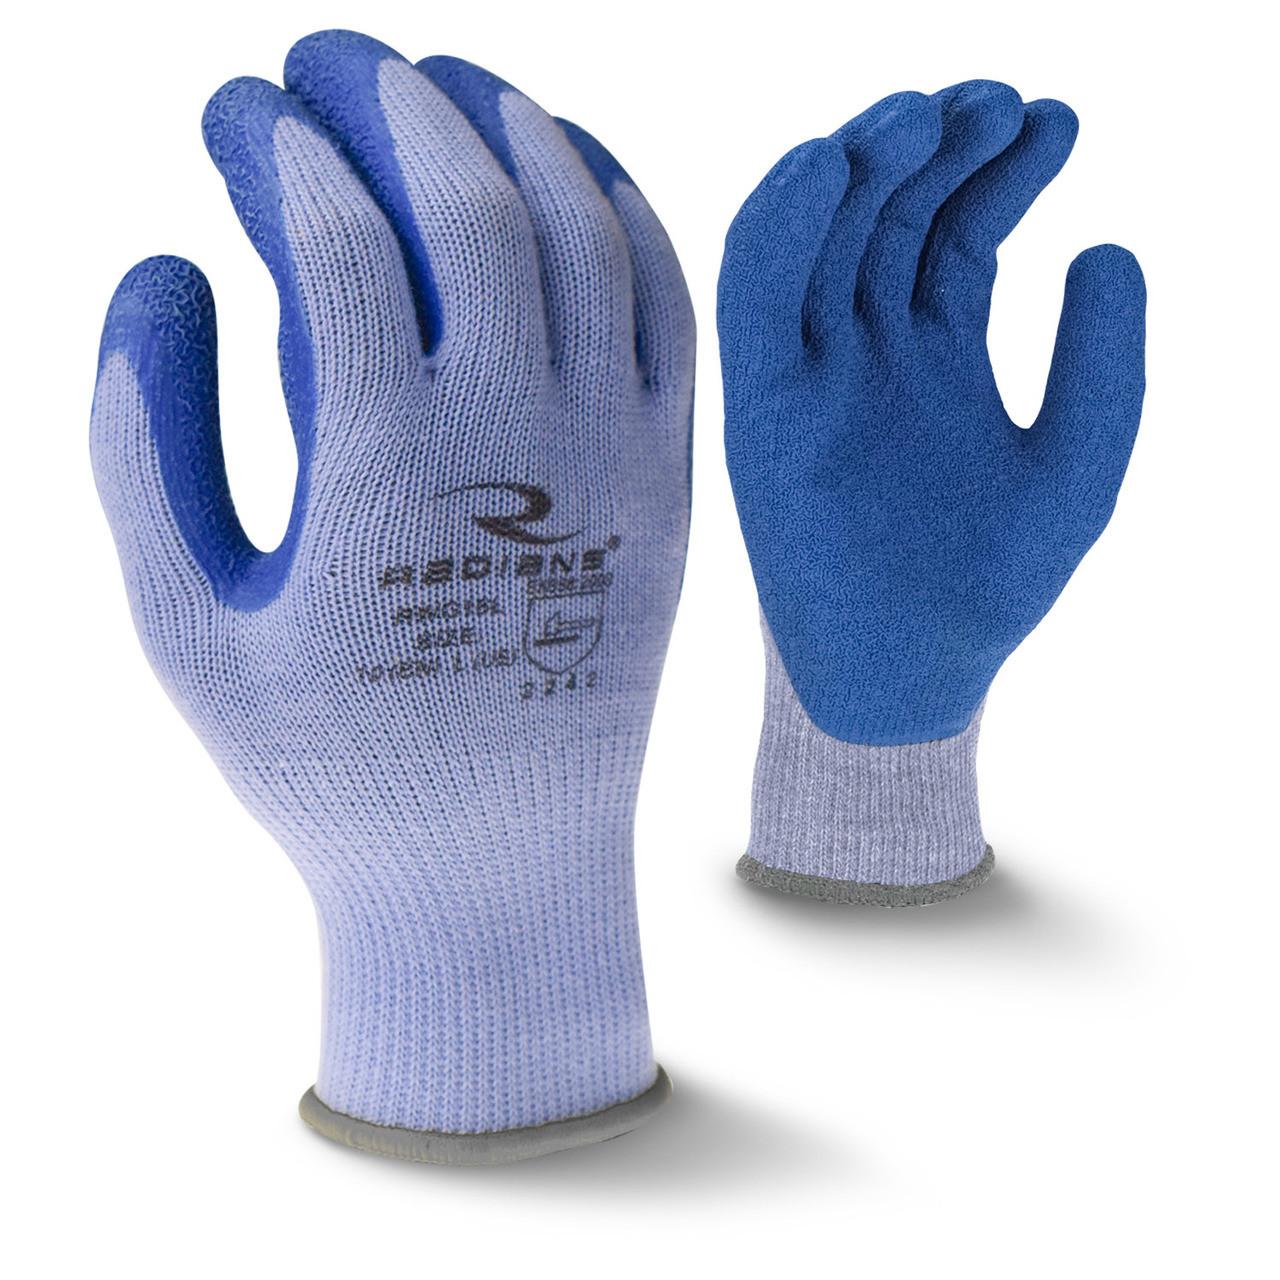 Crinkle Latex Palm Coated Glove